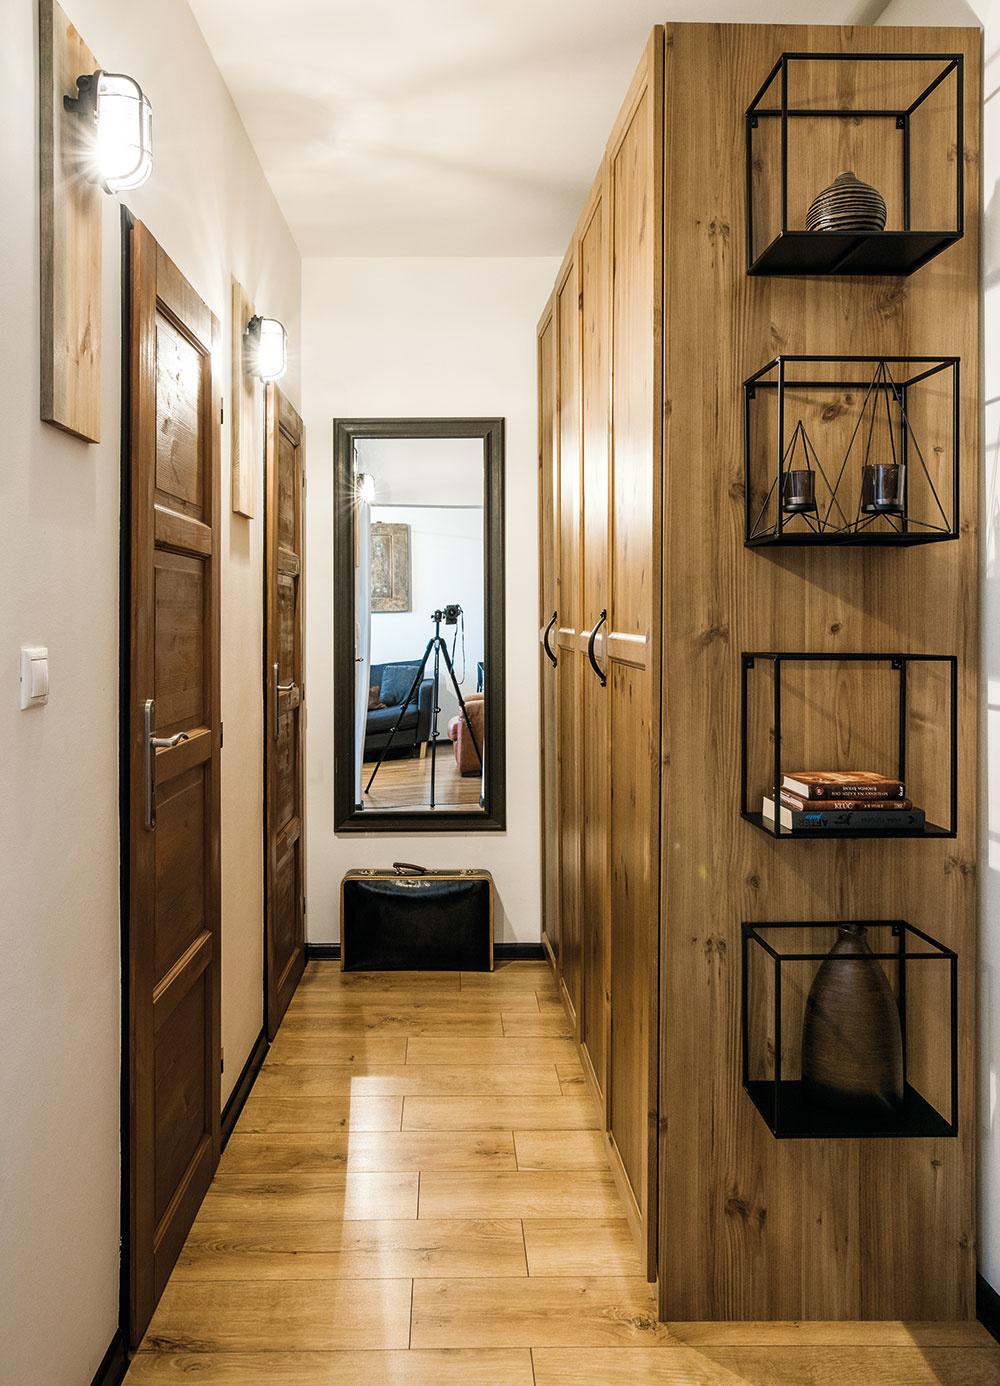 """Oproti dverám do obývačky je chodba, zktorej sa vstupuje do kúpeľne aWC. Tieto dve miestnosti sú vbyte jediné, ktoré neprešli premenou (dostali len nové drevené dvere). """"Boli zrekonštruované, vpodstate nové. Nie je to síce môj štýl, ale nechcel som do nich zbytočne investovať peniaze ani čas,"""" hovorí domáci pán."""